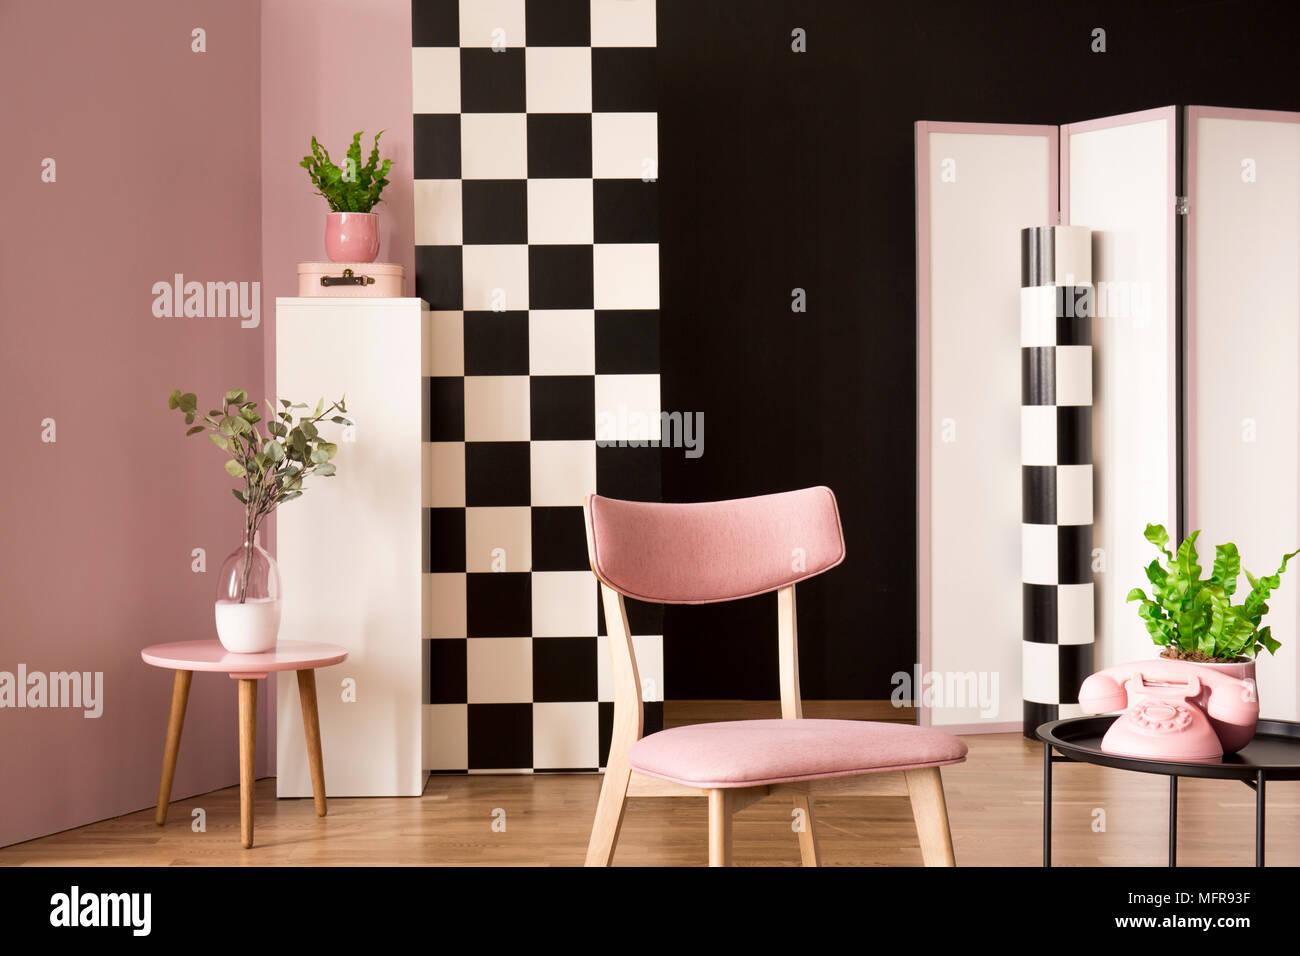 Retro Wohnzimmer Einrichtung mit einem rosa Sessel, Couchtisch mit ...